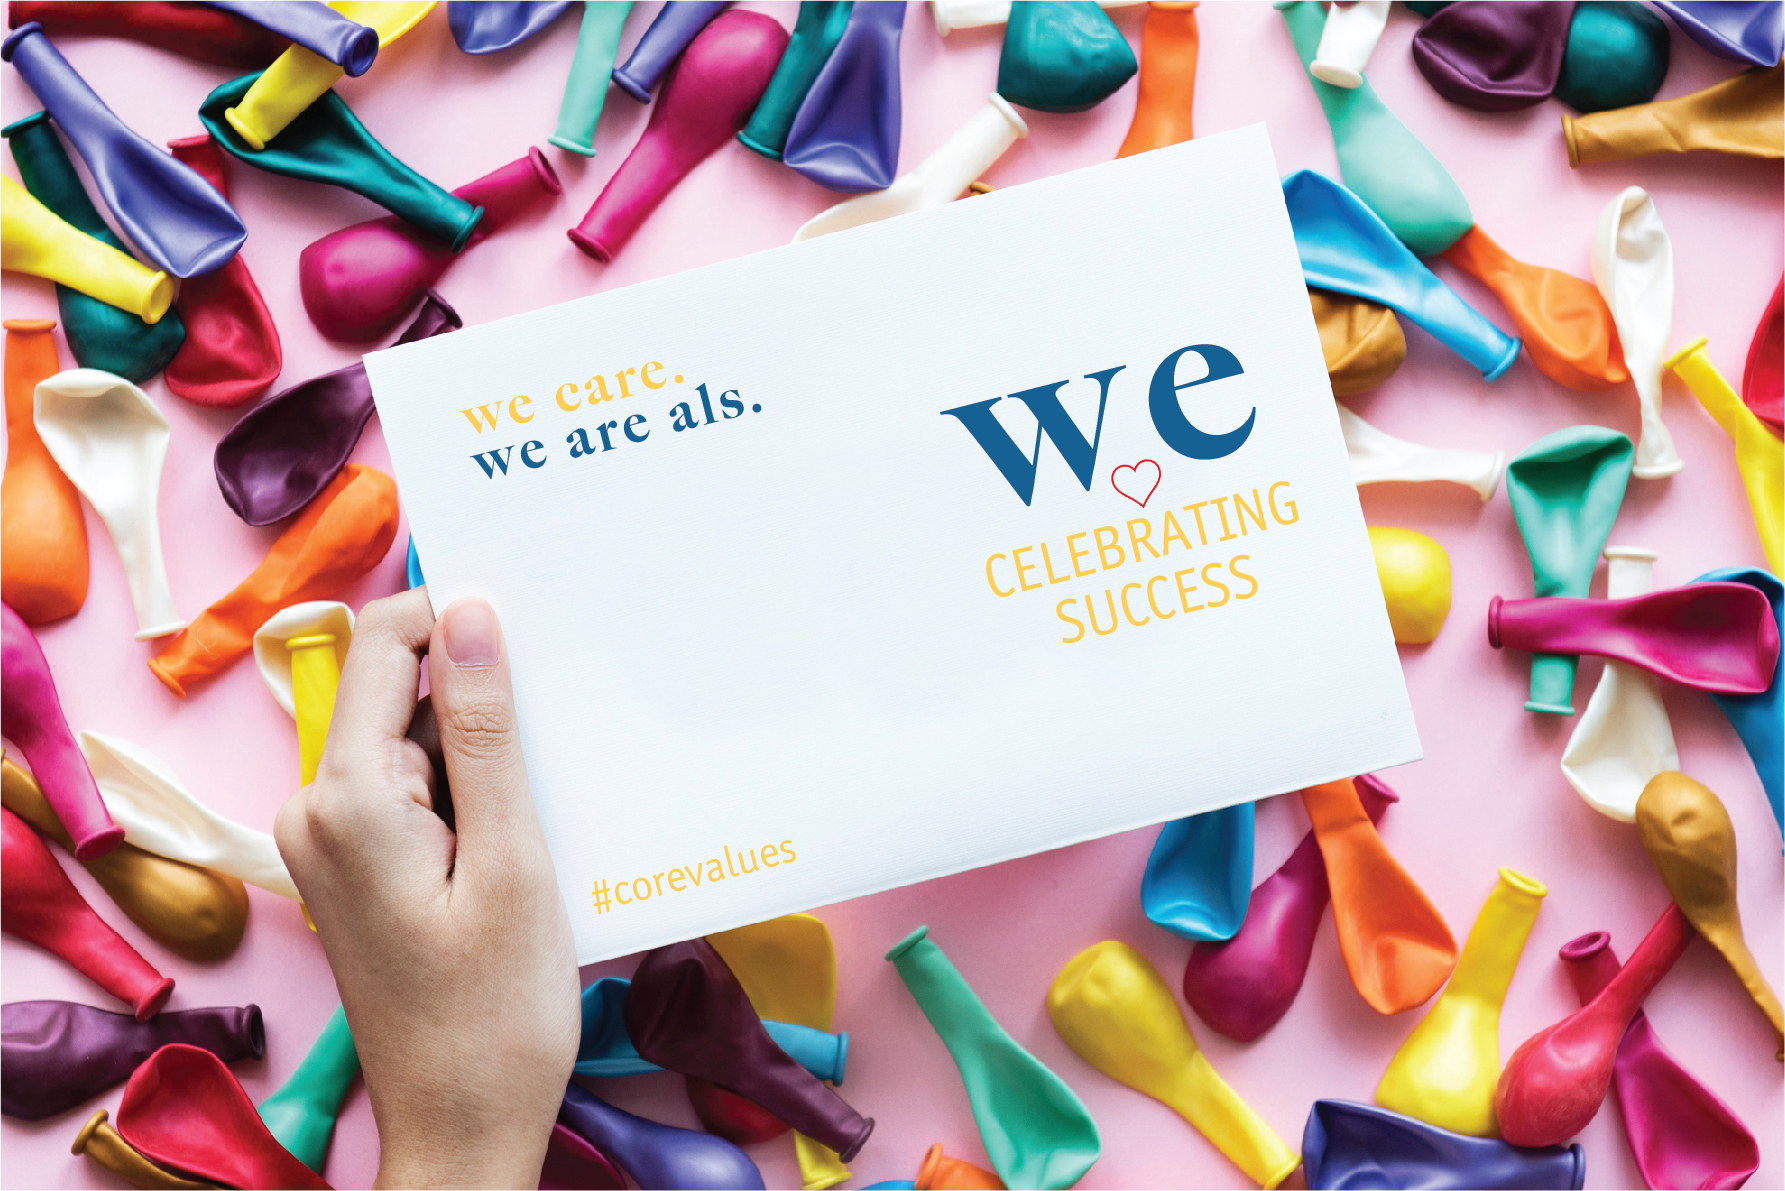 ALS core values celebrating success